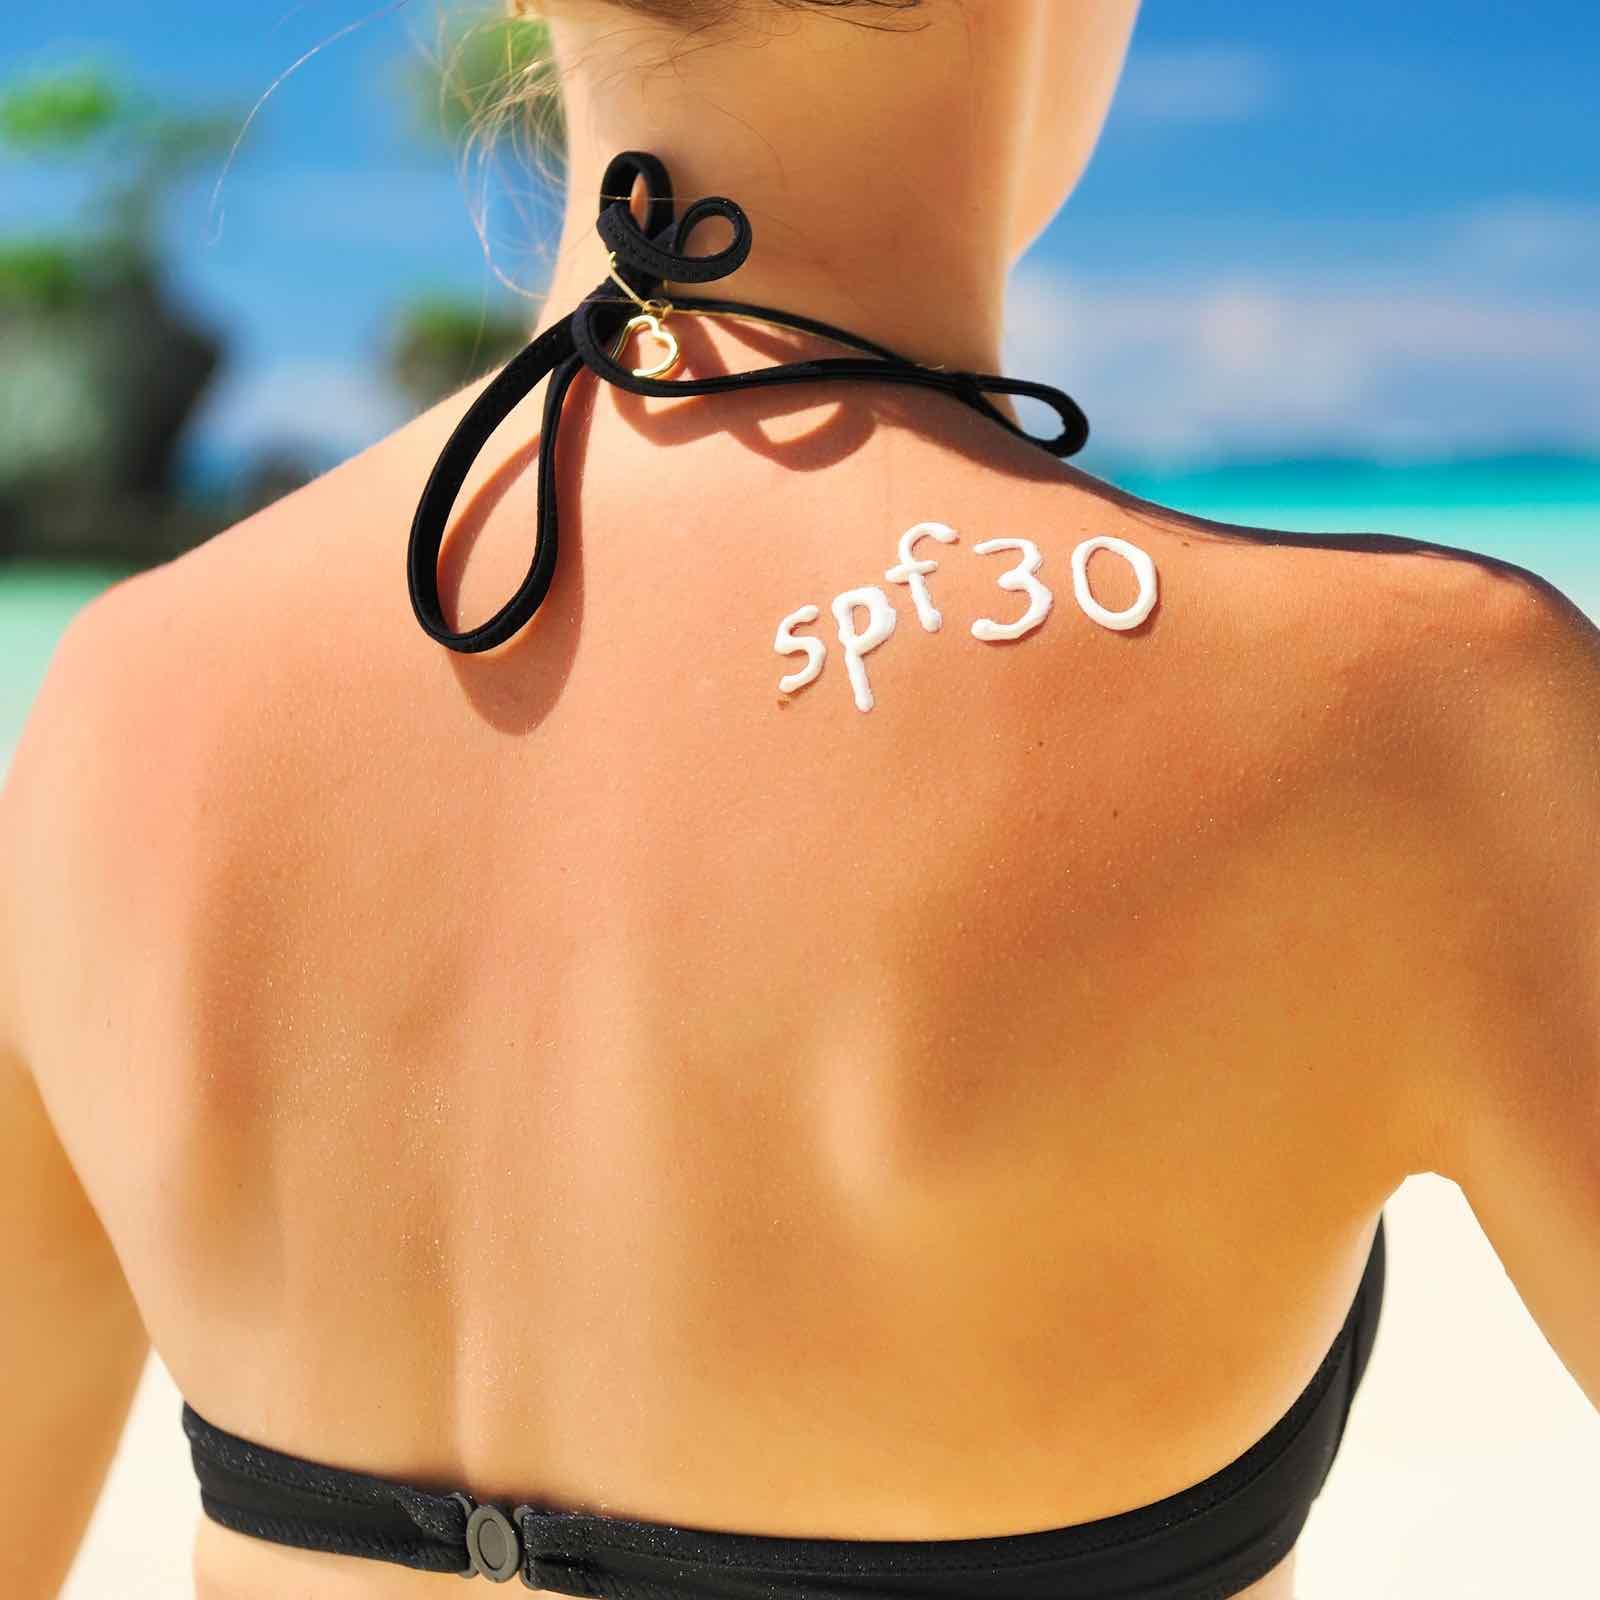 SPF 30